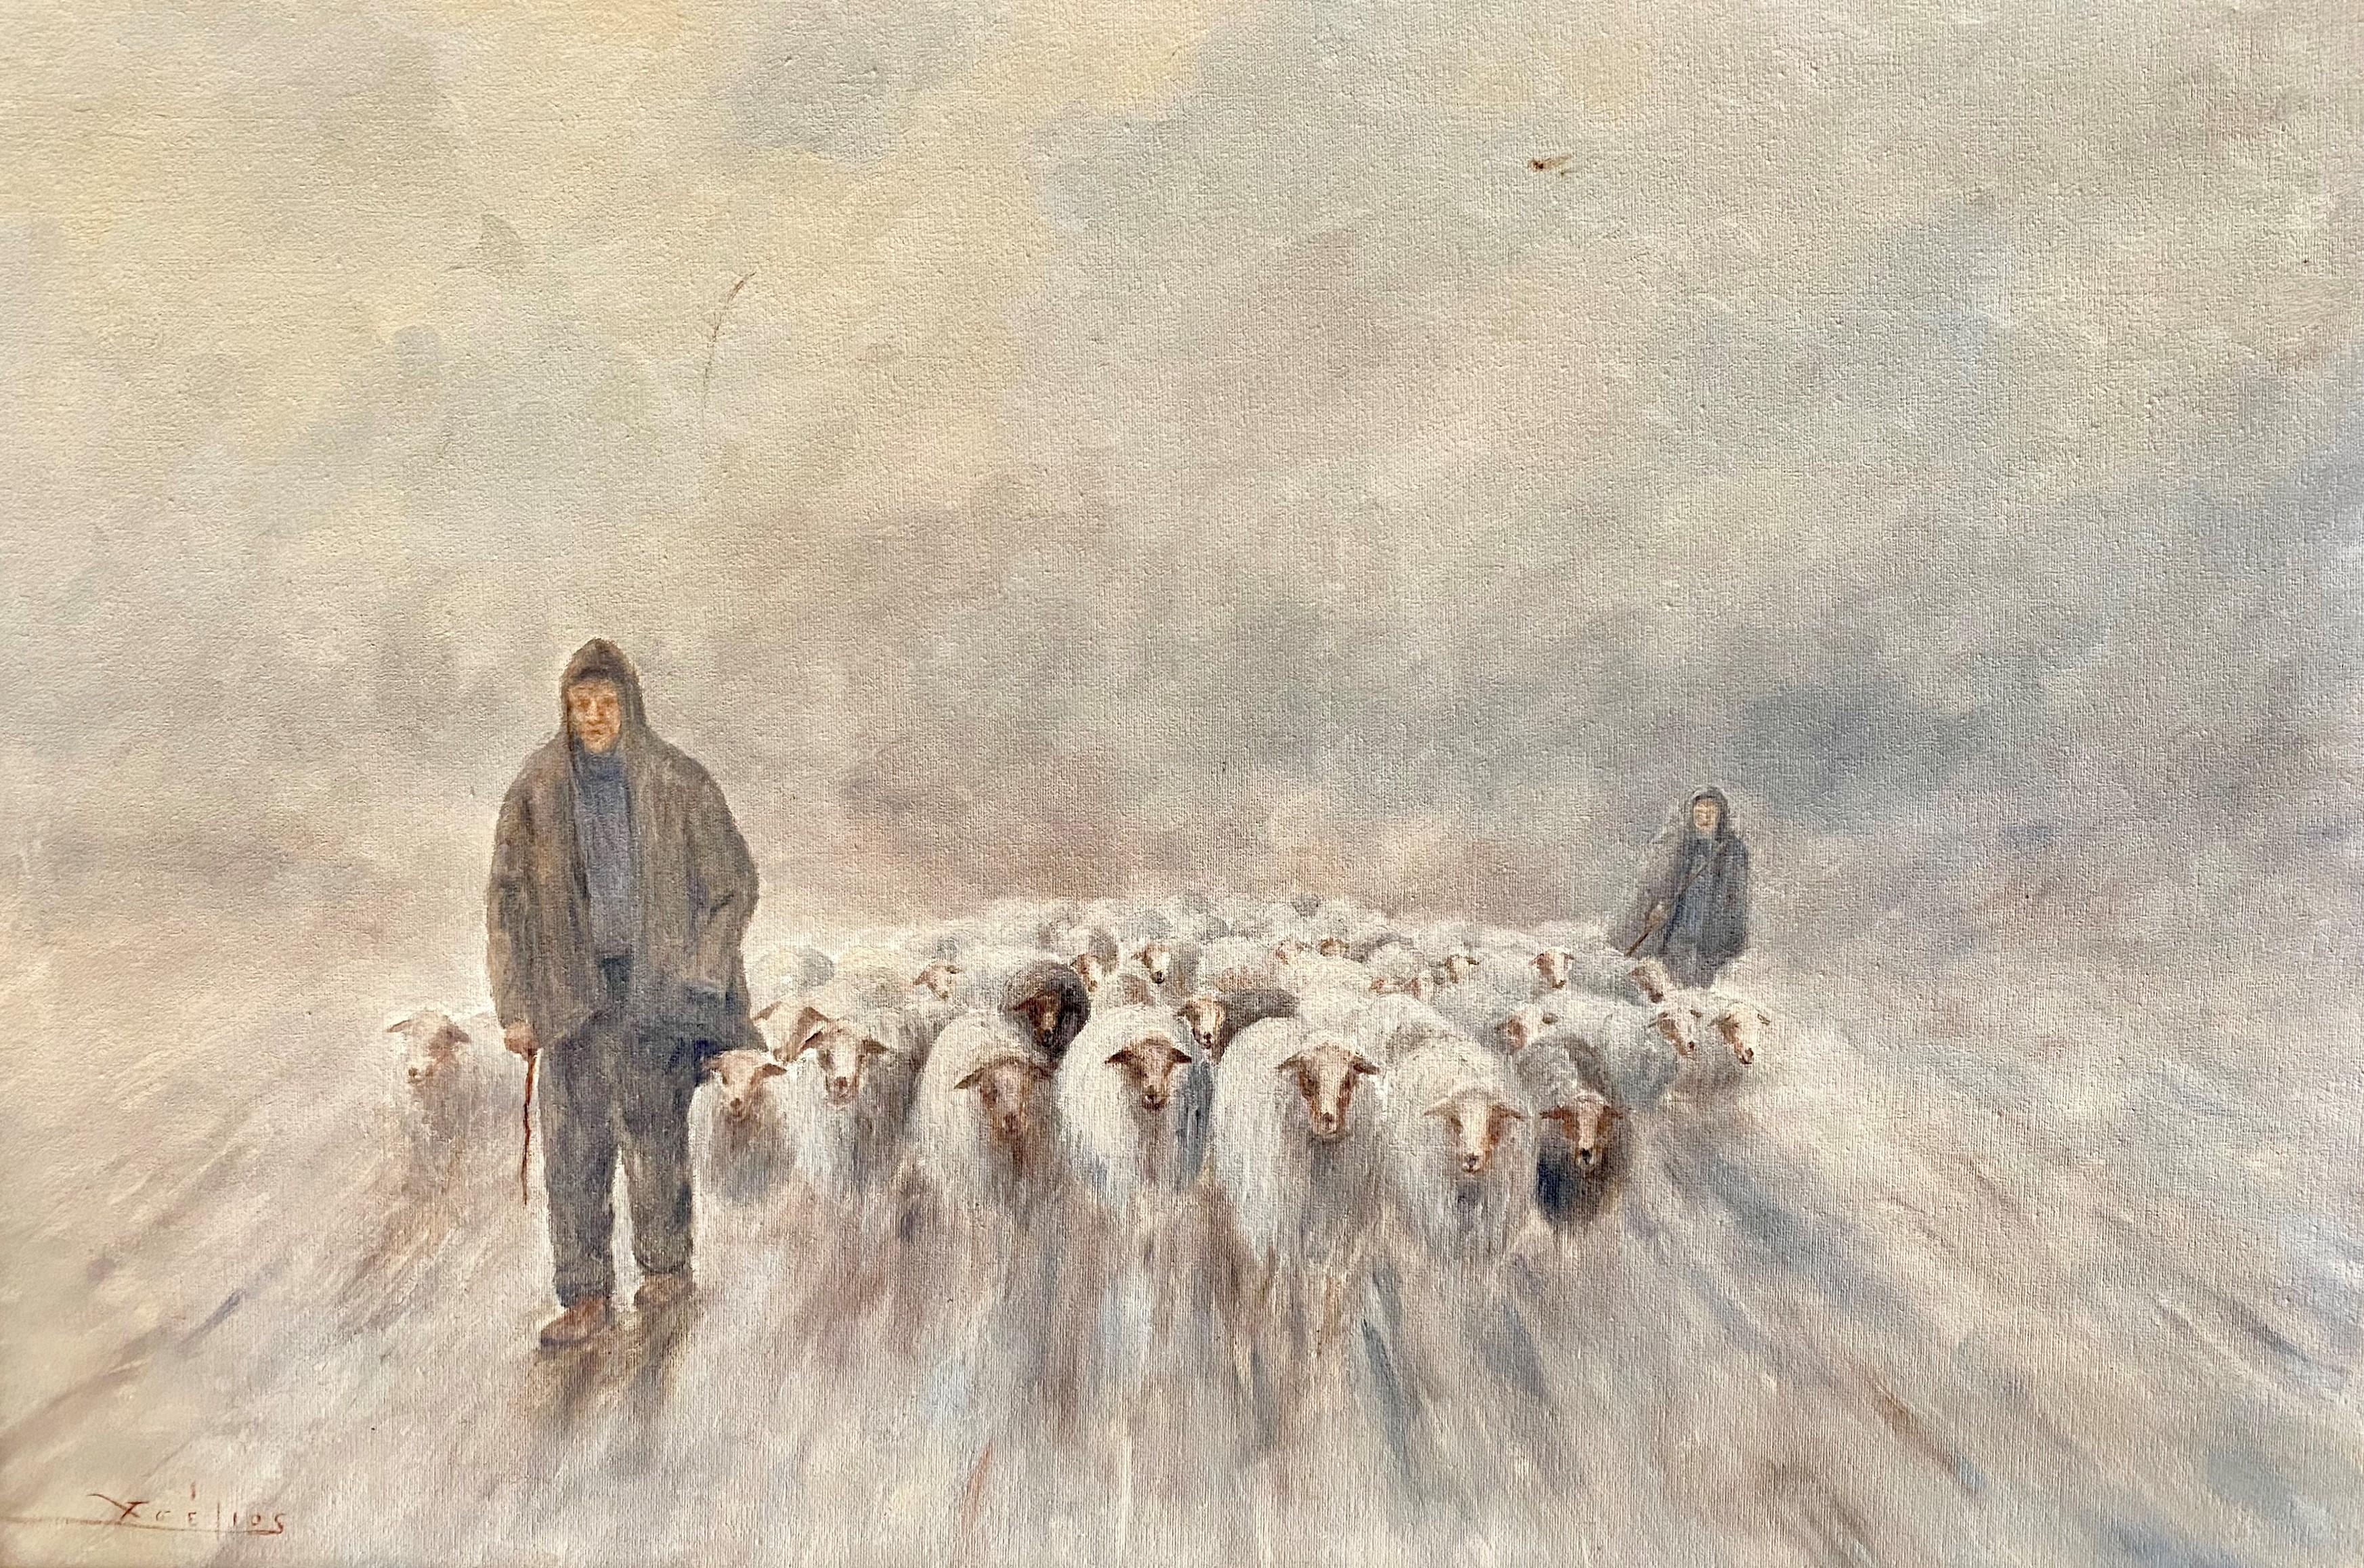 Christos Tselios (Greek), The Shepherds, oil on canvas, 60 x 90 cm